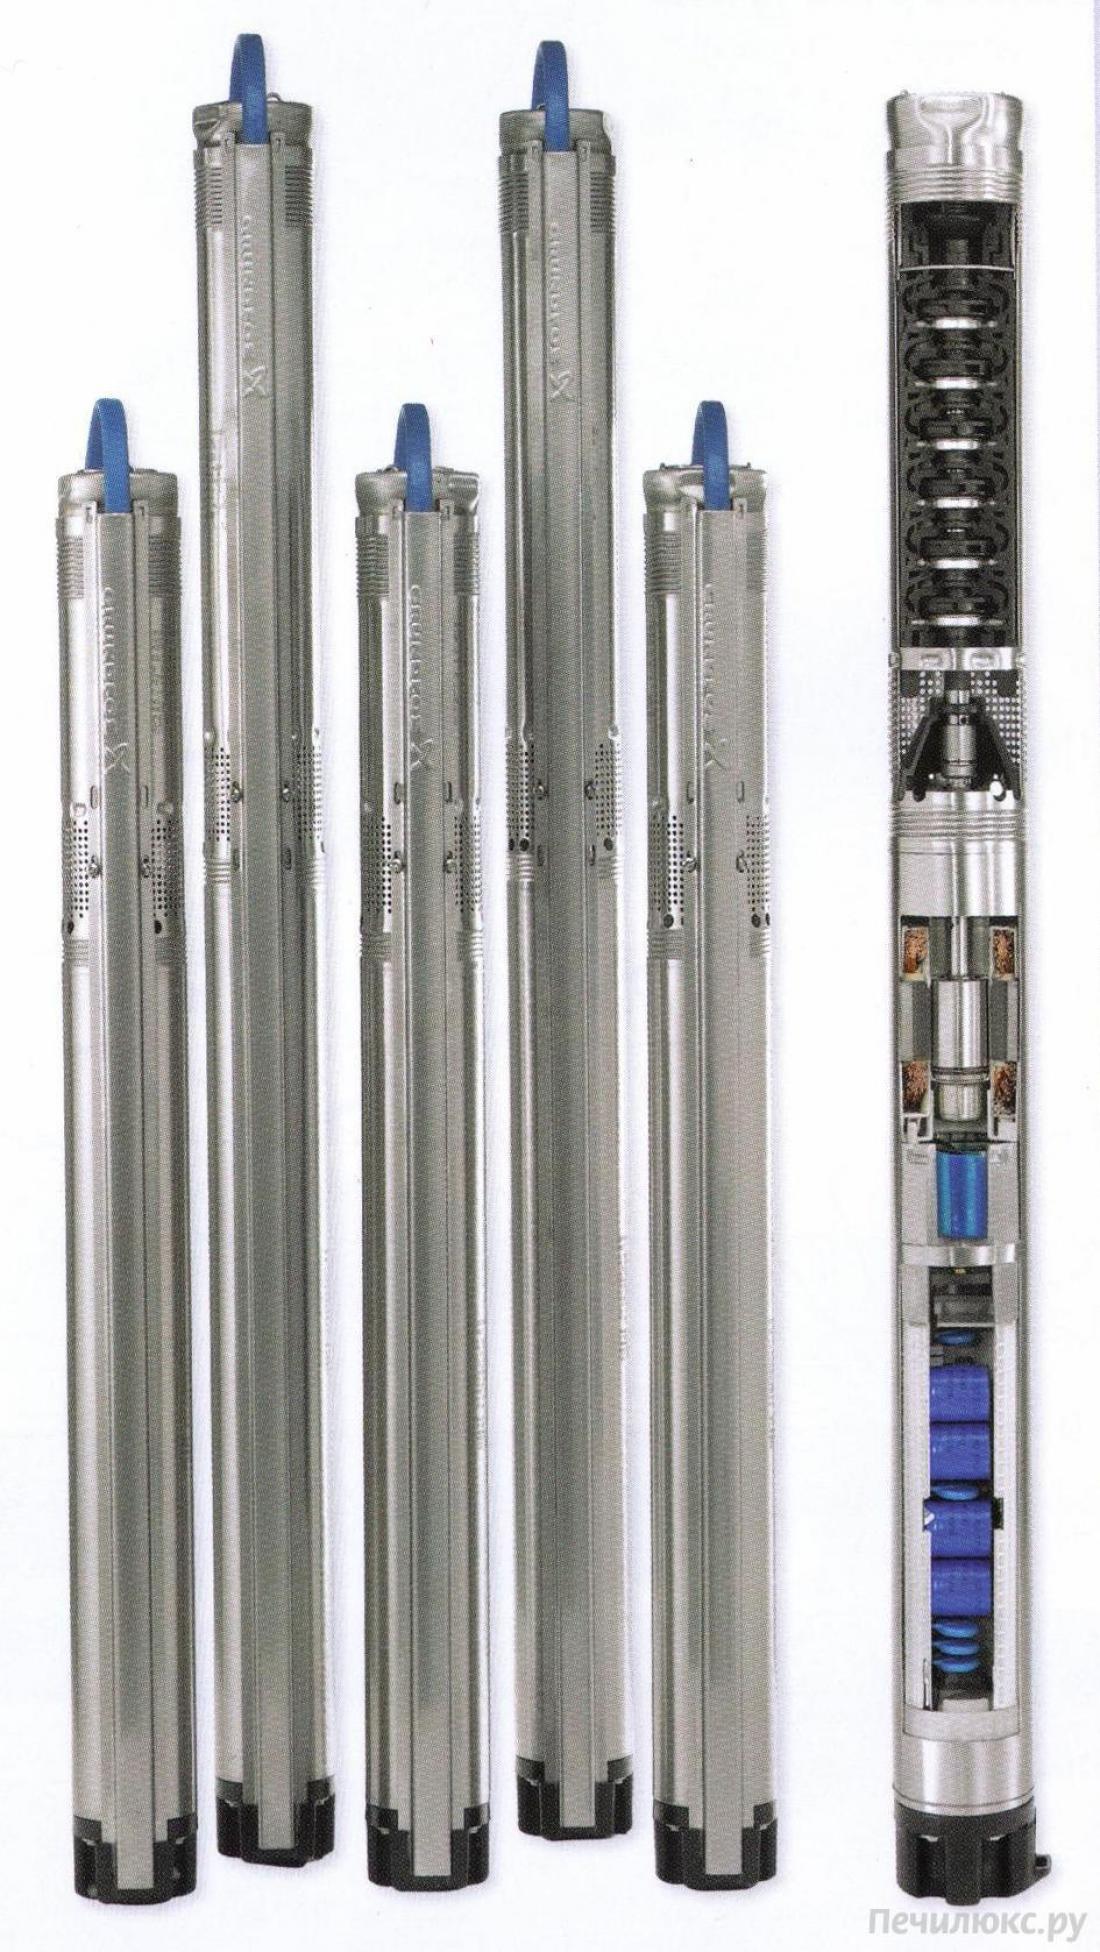 SQE 3- 30     0.70kW 200-240V 50/60Hz